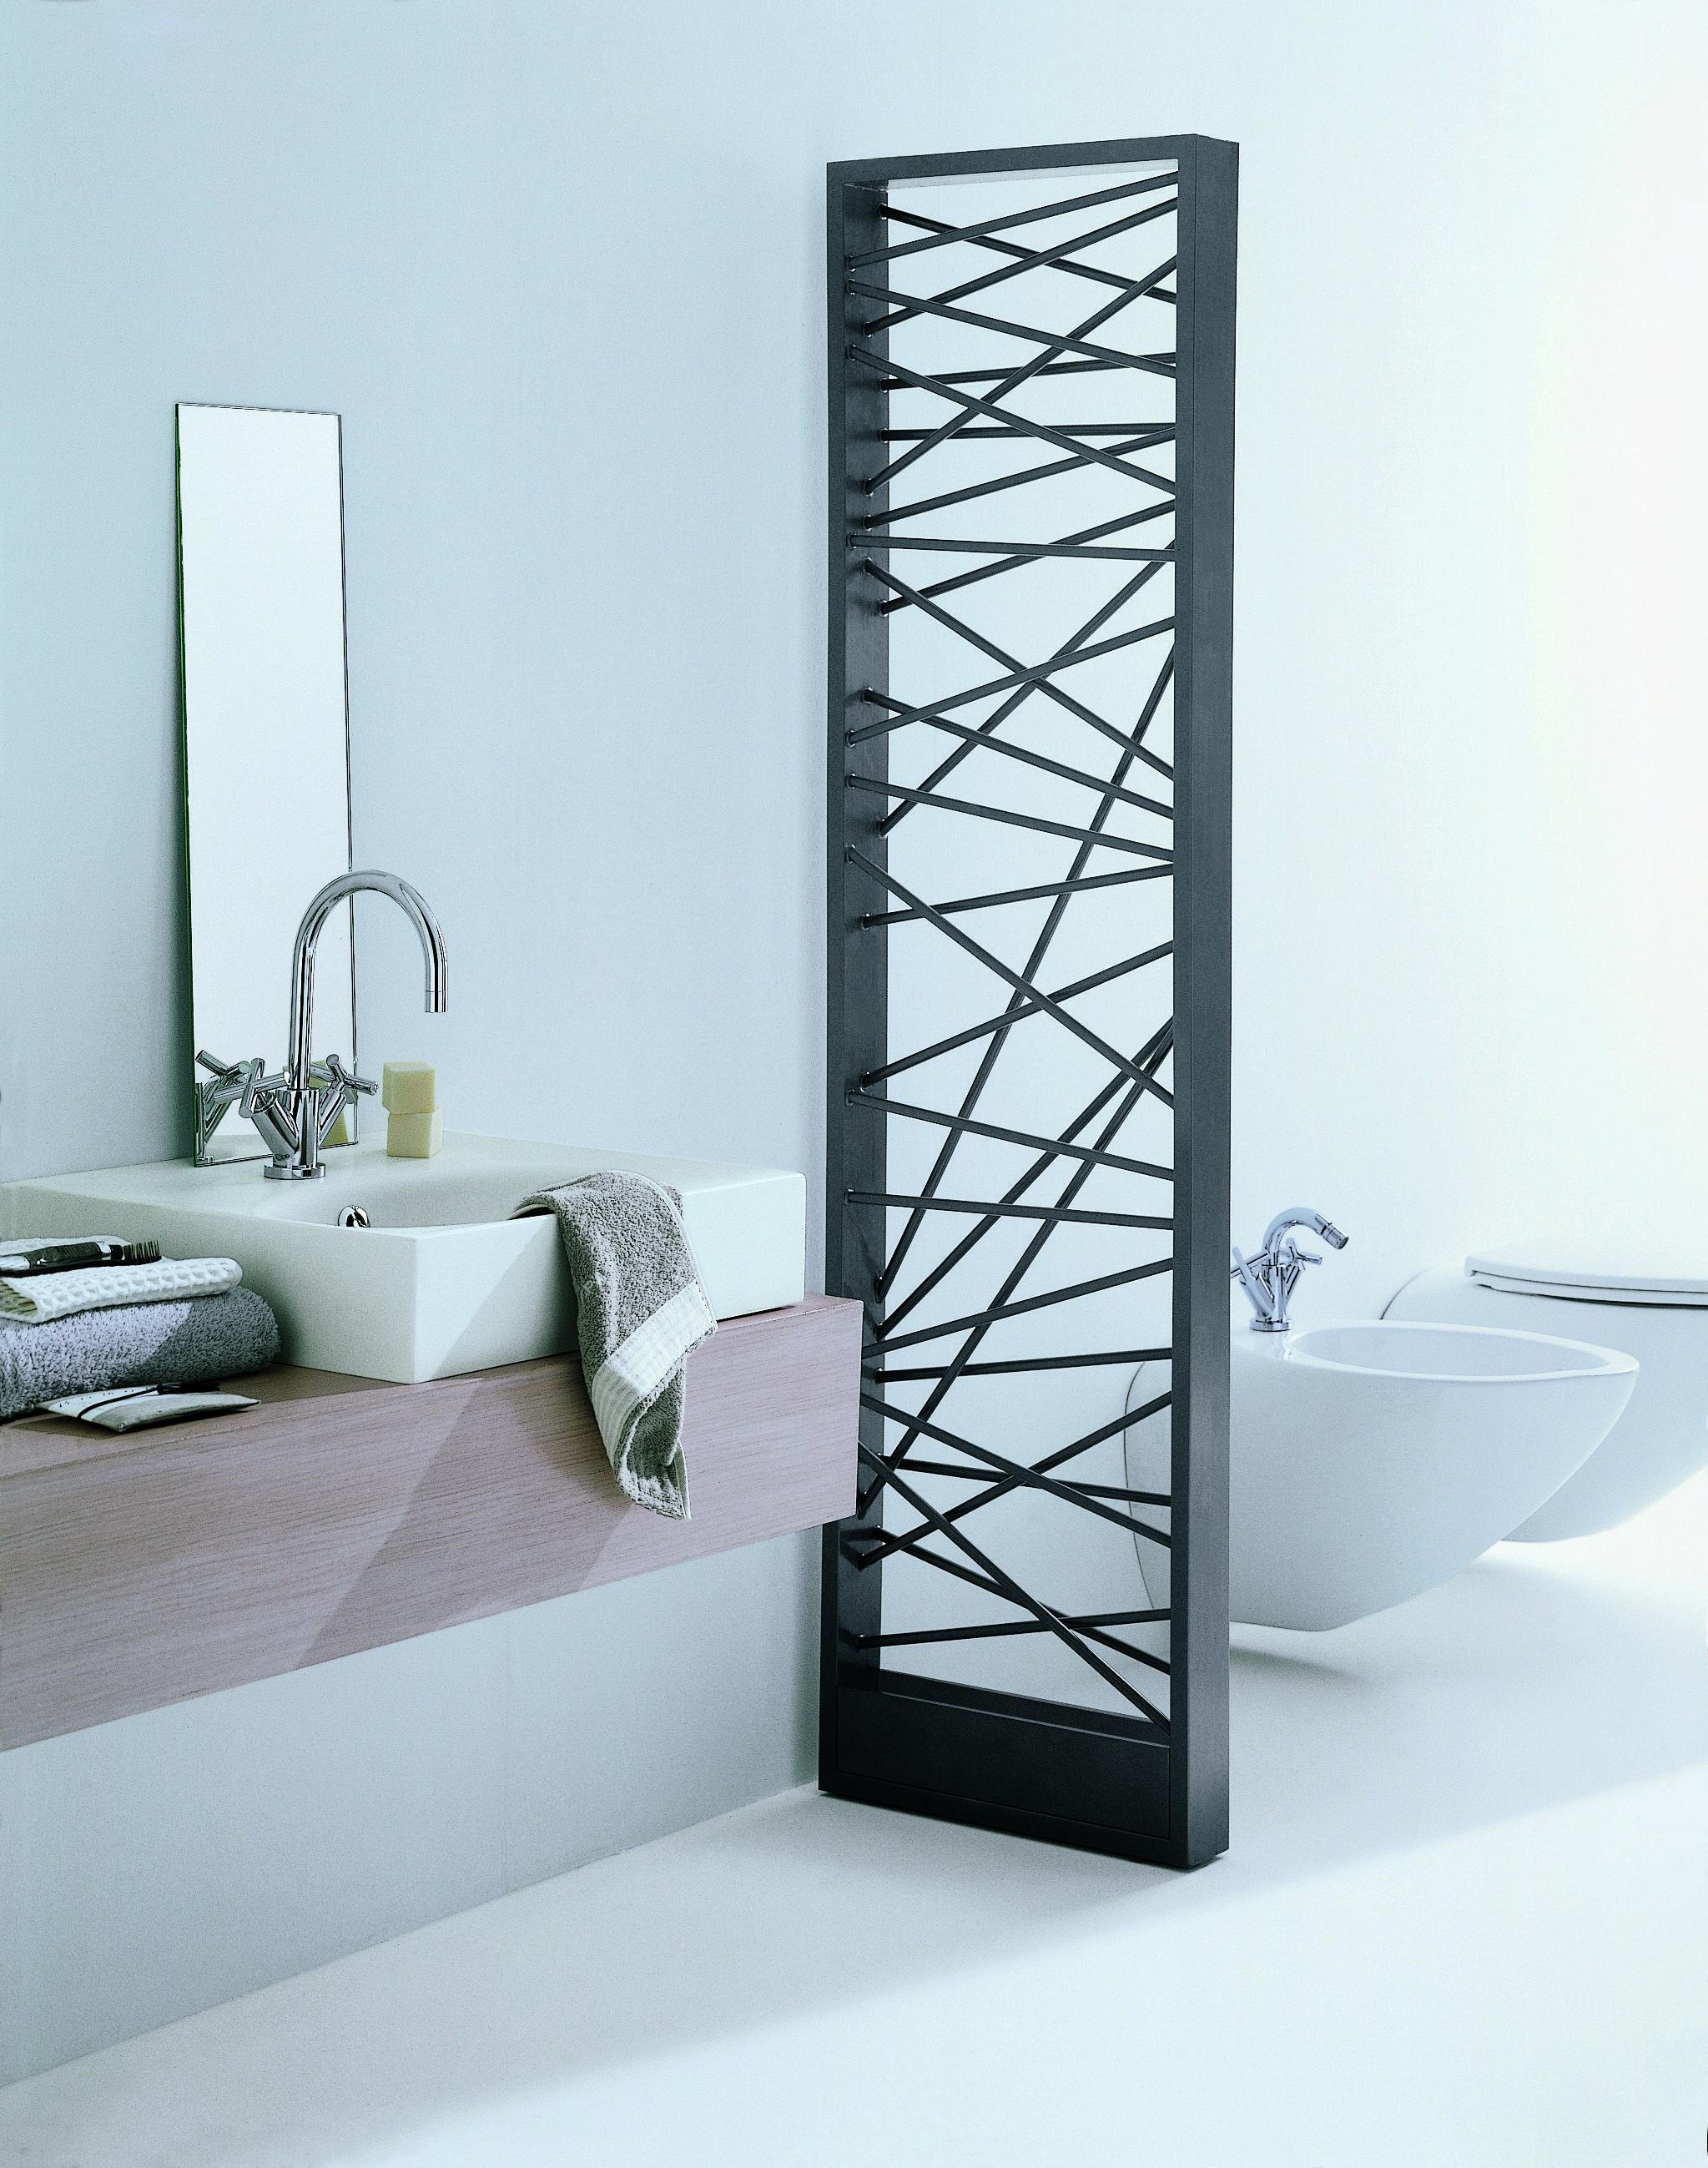 Se llama shangai y es una de las propuestas de radiadores - Calentar la casa ...